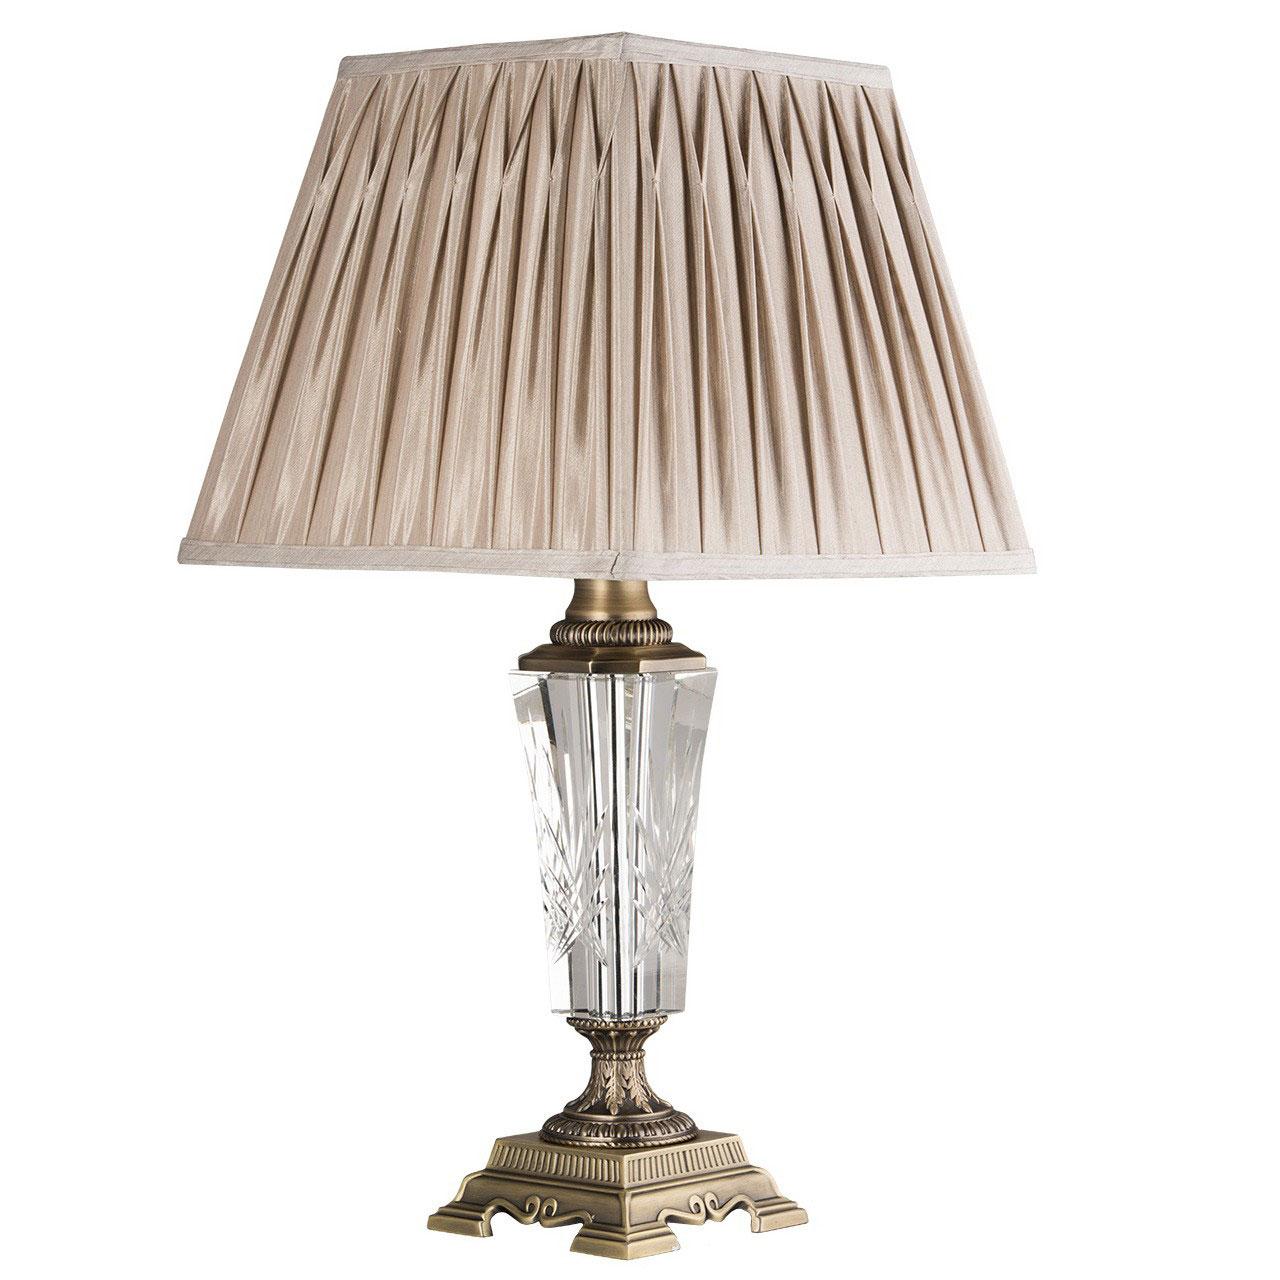 Лампа настольная Chiaro 619030301 Оделия настольная лампа chiaro оделия 619030101